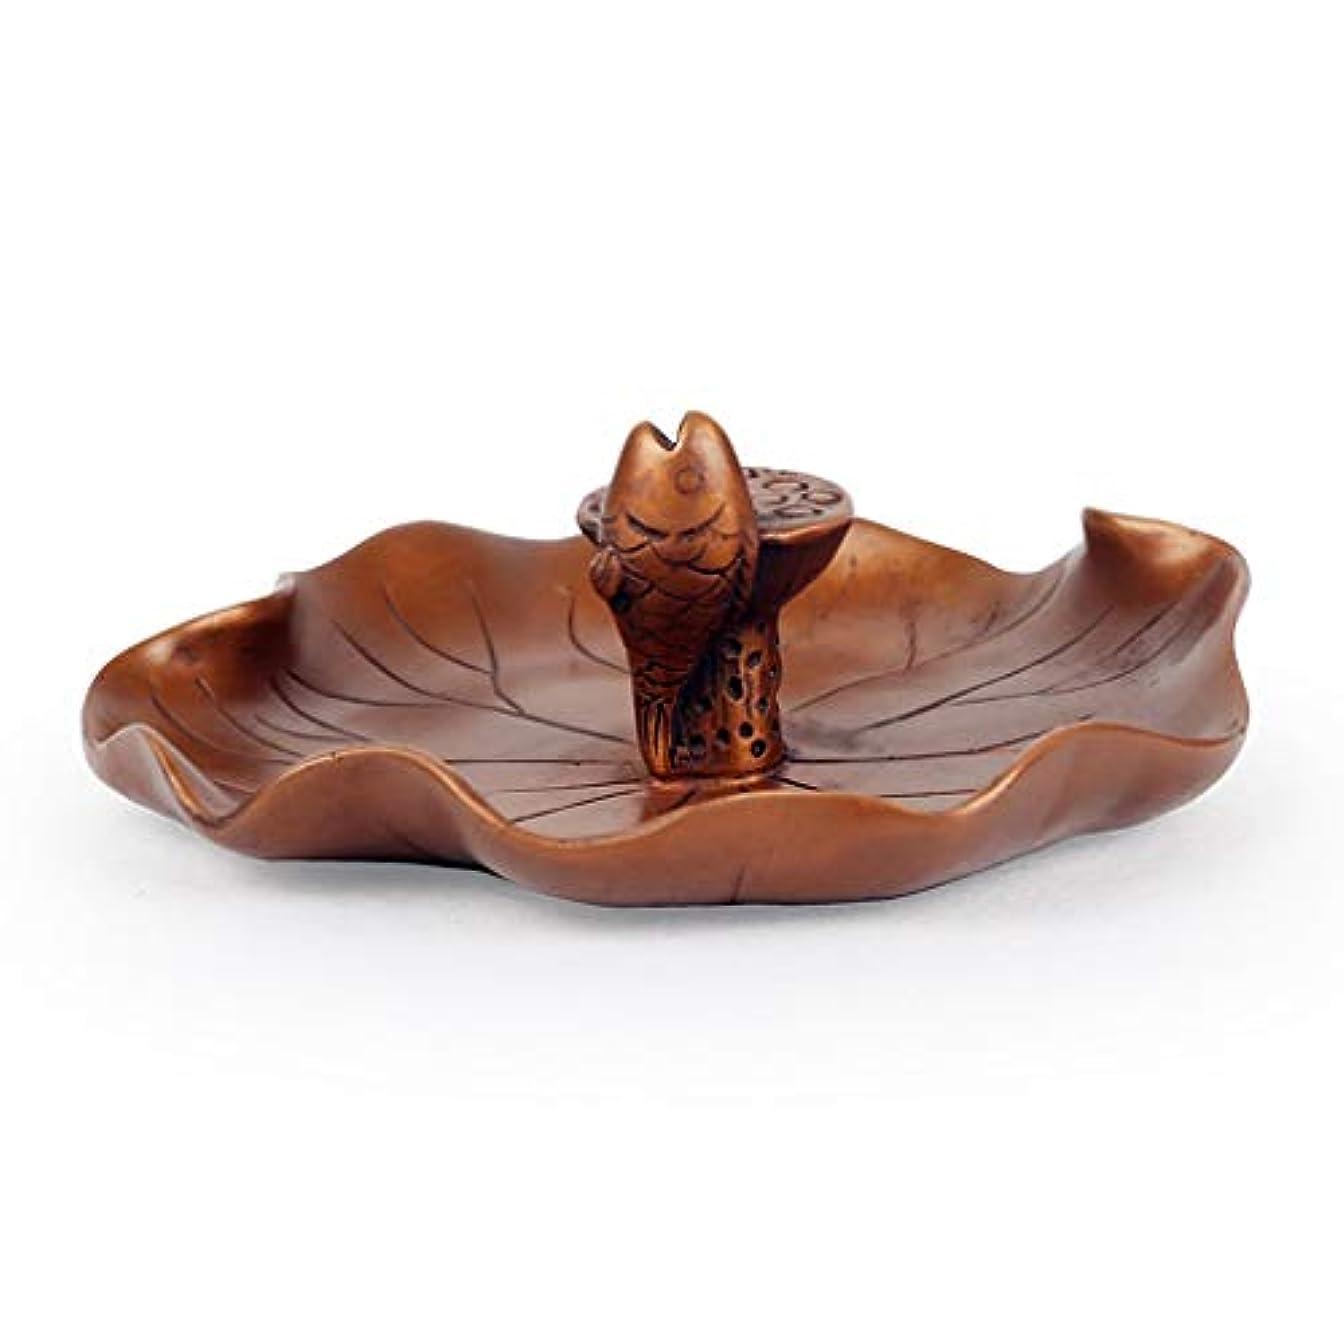 やりがいのある薬週間芳香器?アロマバーナー 還流香炉ホーム香りの良い禅禅ラッキー鑑賞新しいクリエイティブアガーウッド香バーナー装飾 アロマバーナー (Color : Brass)